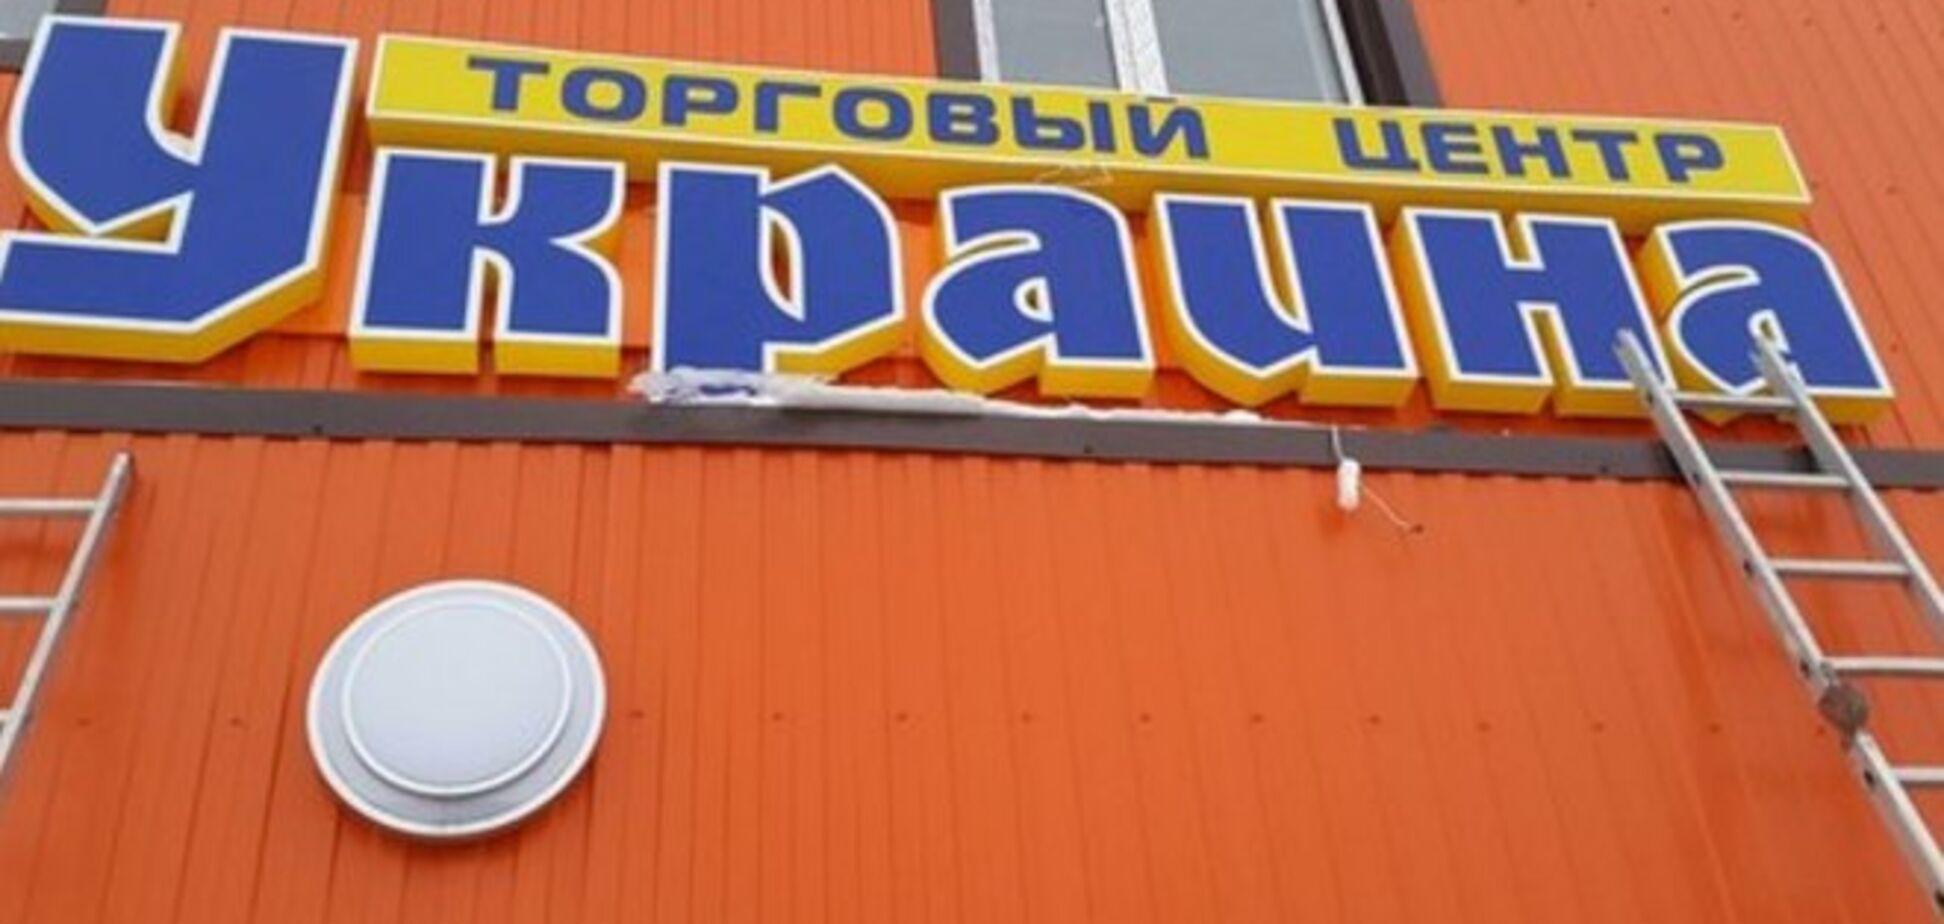 Владелец магазина 'Украина' в России решил 'от греха подальше' переименоваться: соцсети поспешили на помощь